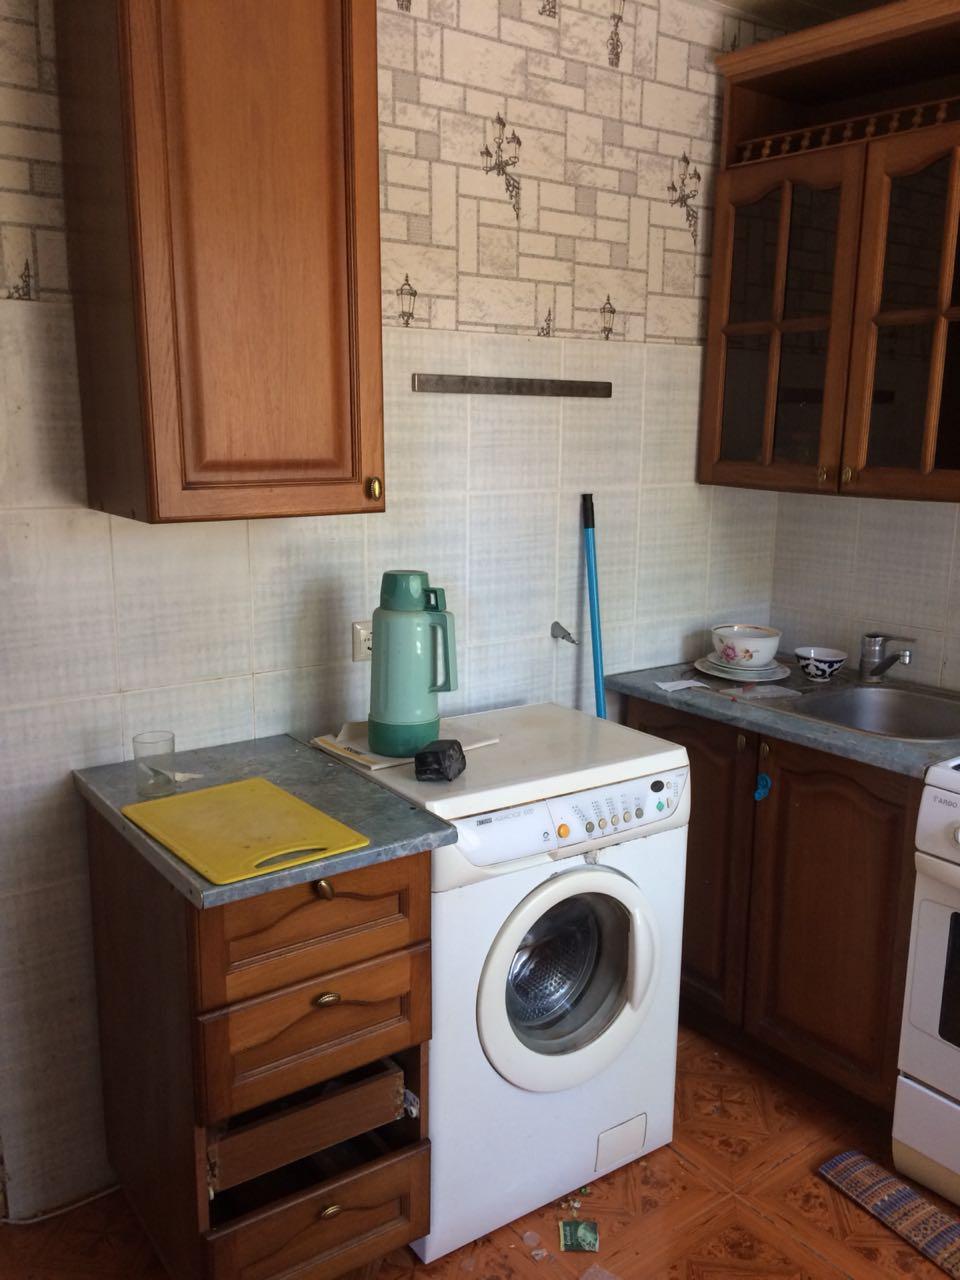 Продам - Продаю 3 комнатную квартиру 58,7 м2 на 3 этаже 5-этажного кирпичного  дома от собственника. -Чайковского - цена: 10'000'000